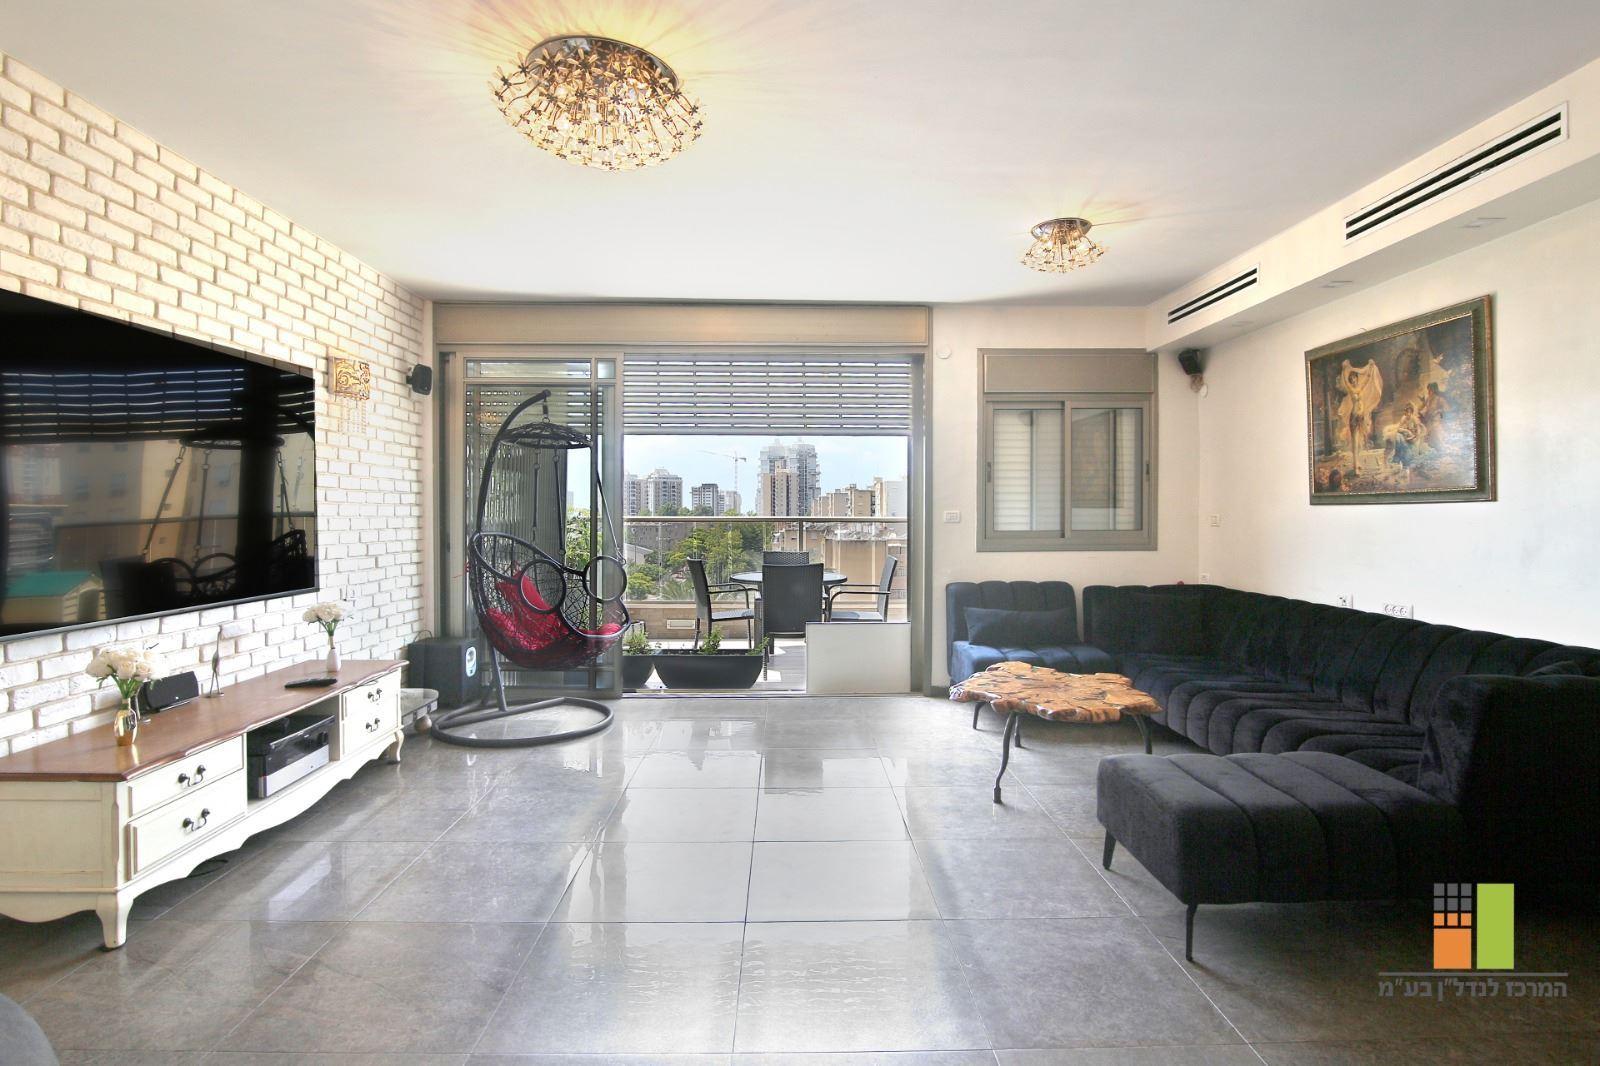 תמונה של למכירה - דופלקס -6 חדרים - רח' ורד בשכונת בנה ביתך בקריית מוצקין